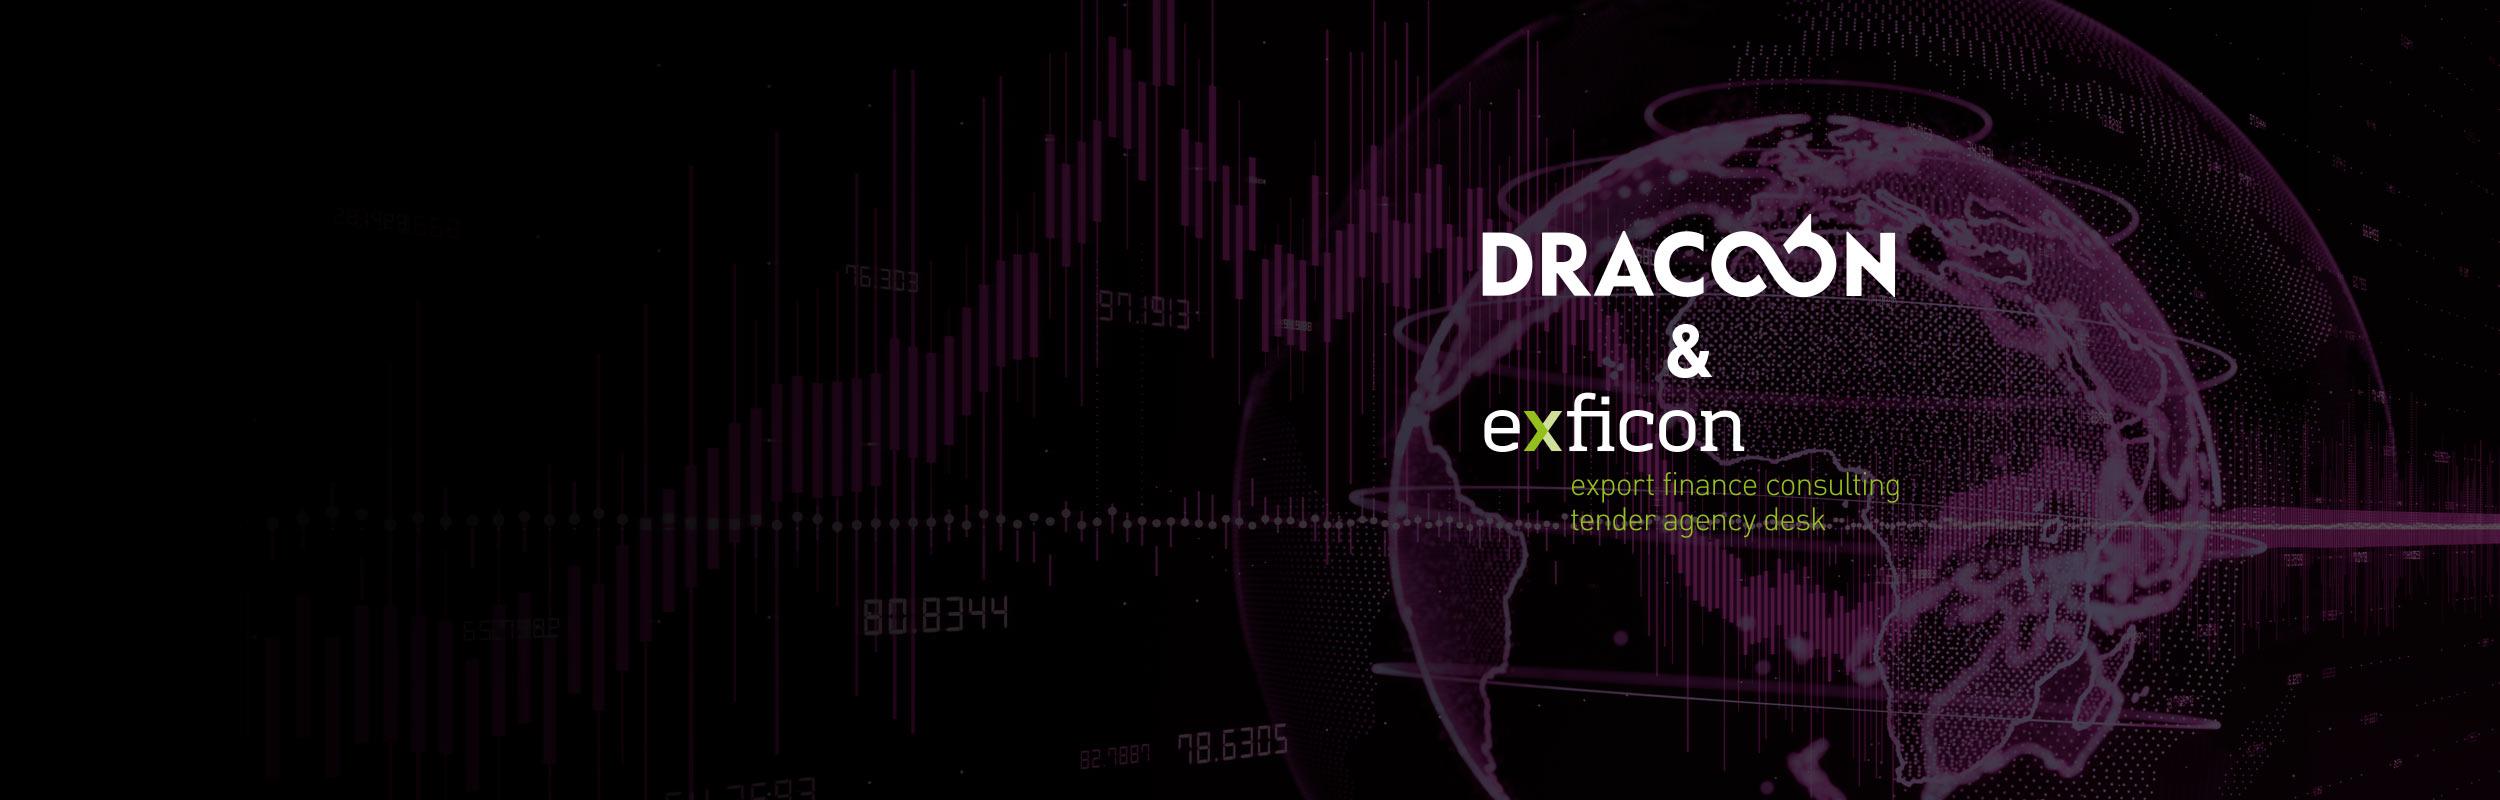 exficon digitalisiert Vergabeverfahren mit DRACOON